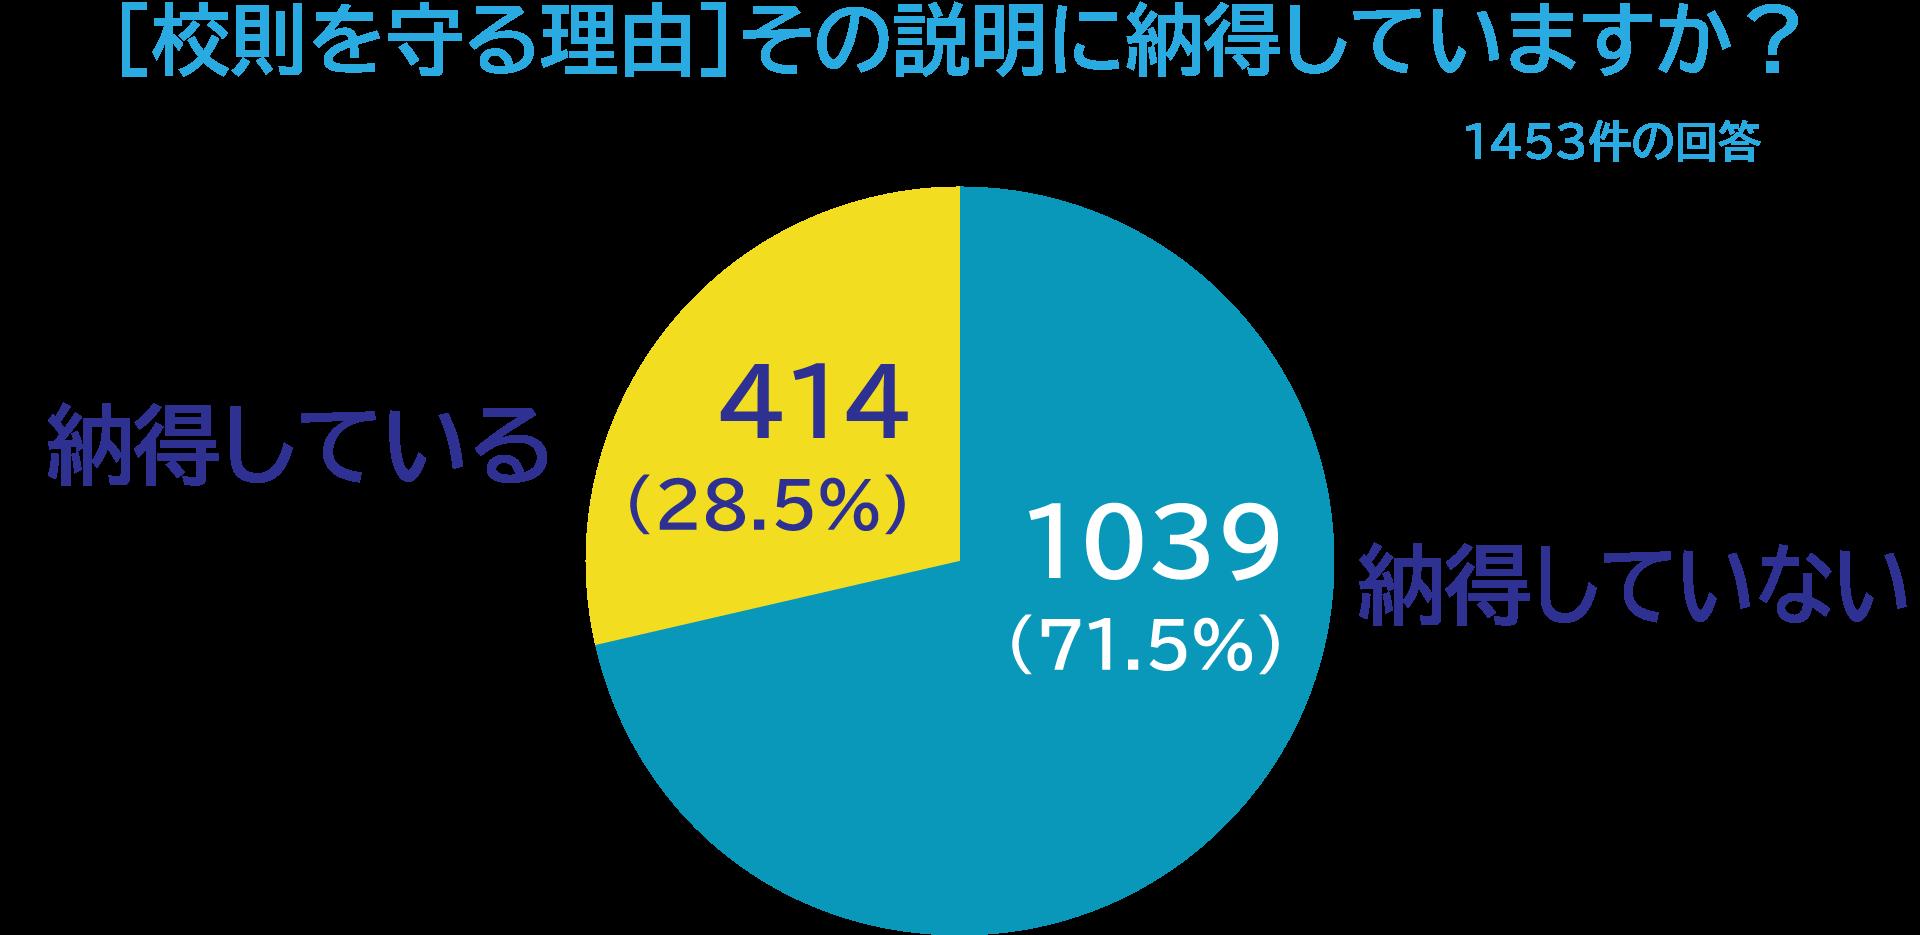 グラフ「[校則を守る理由]その説明に納得していますか?」1453件の回答。「納得していない」1039(71.5%)、「納得している」414(28.5%)